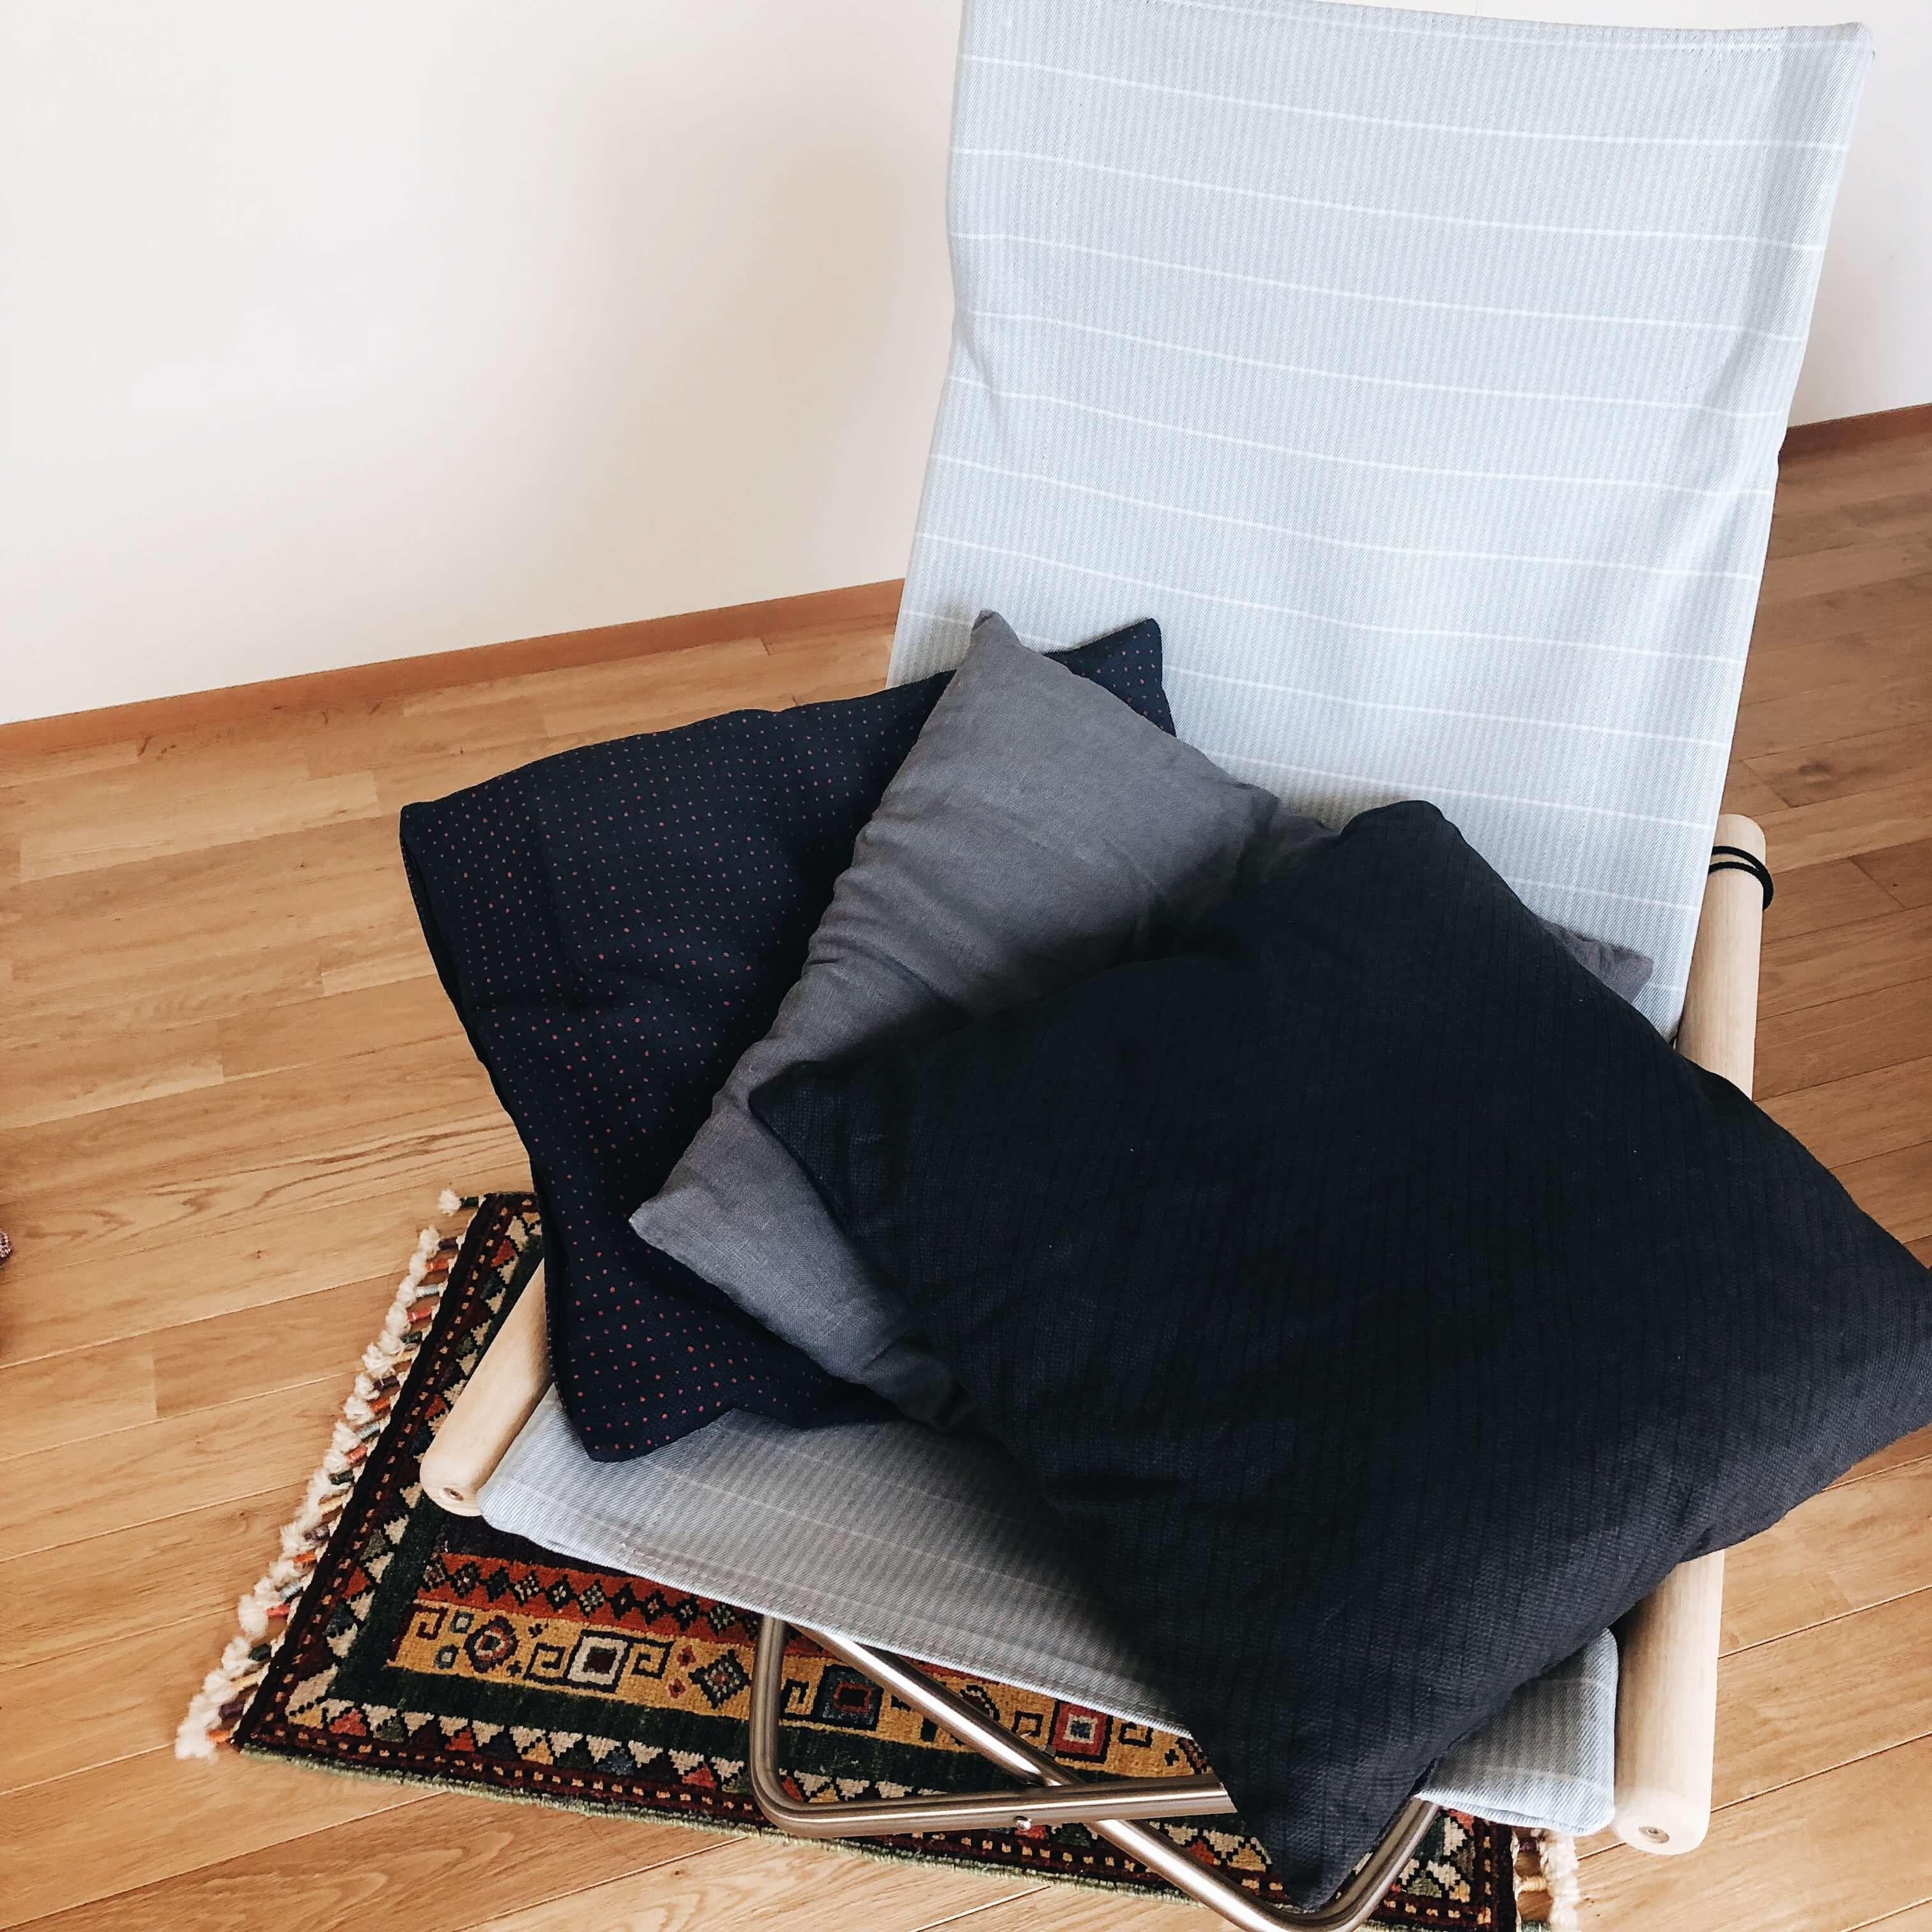 IKEAのクッションカバー